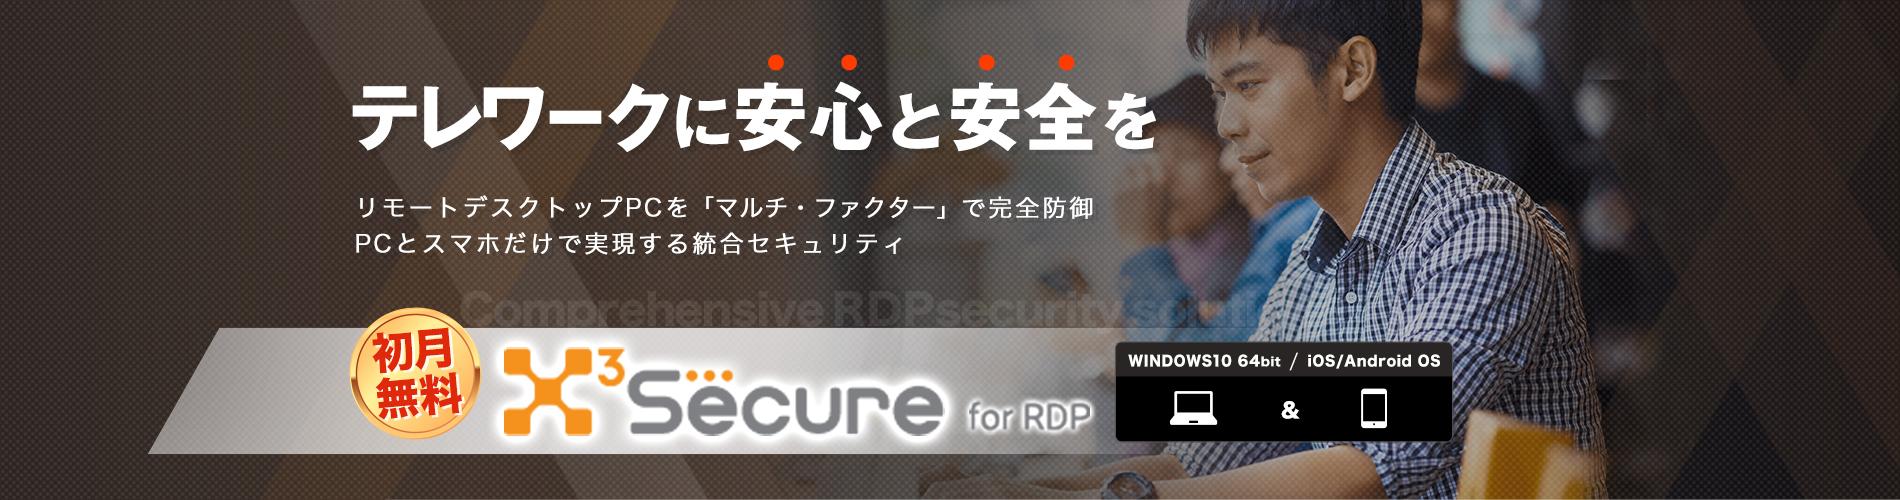 リモートデスクトップ用セキュリティサービス「X3Secure for RDP」